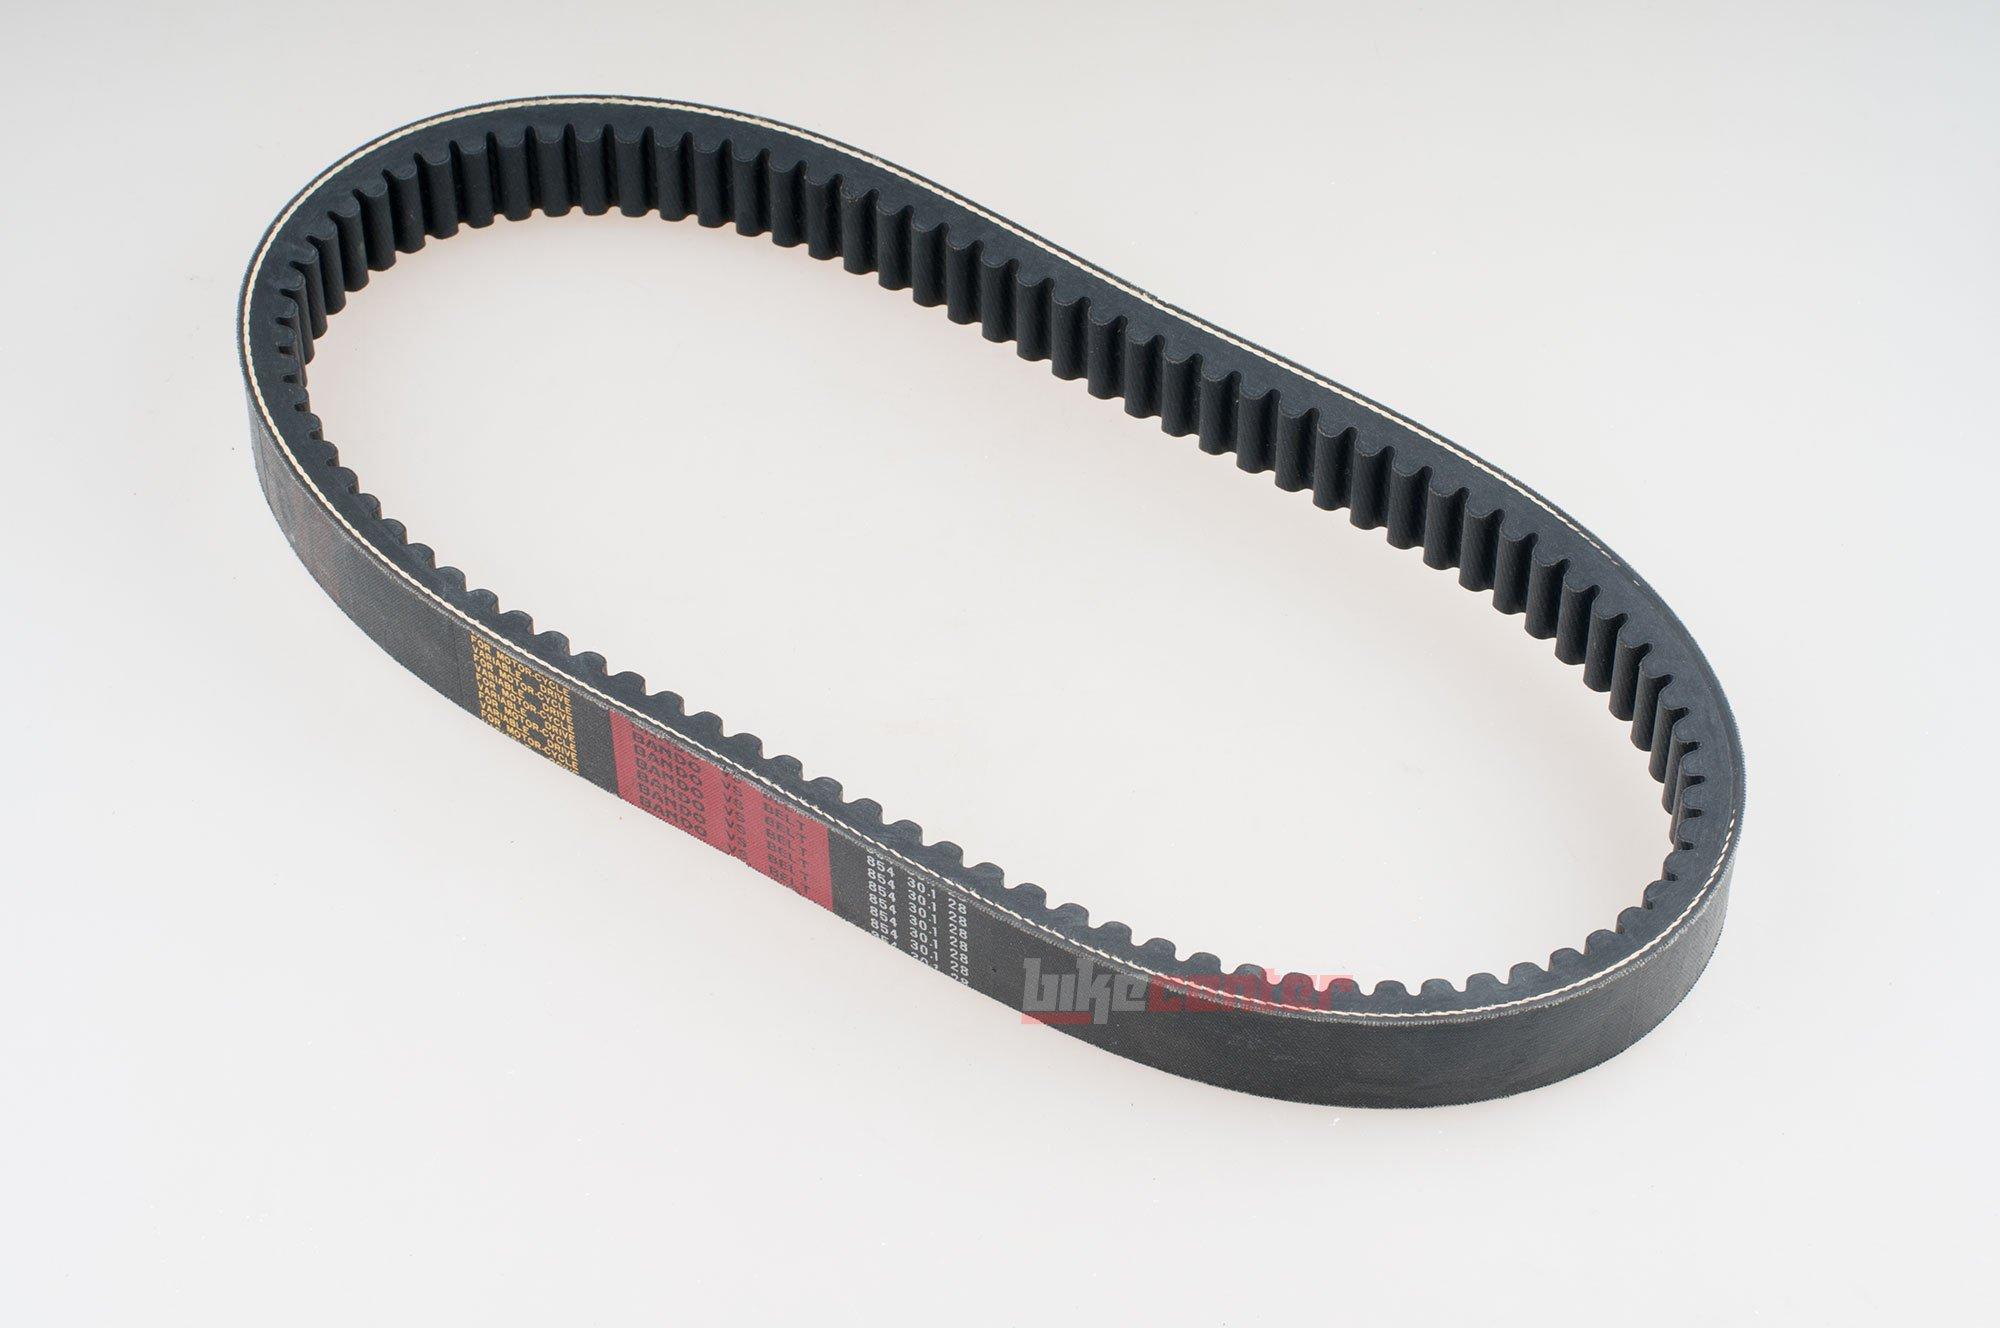 Ремни вариатора Mitsuboshi для скутера – выбор модели по маркировке